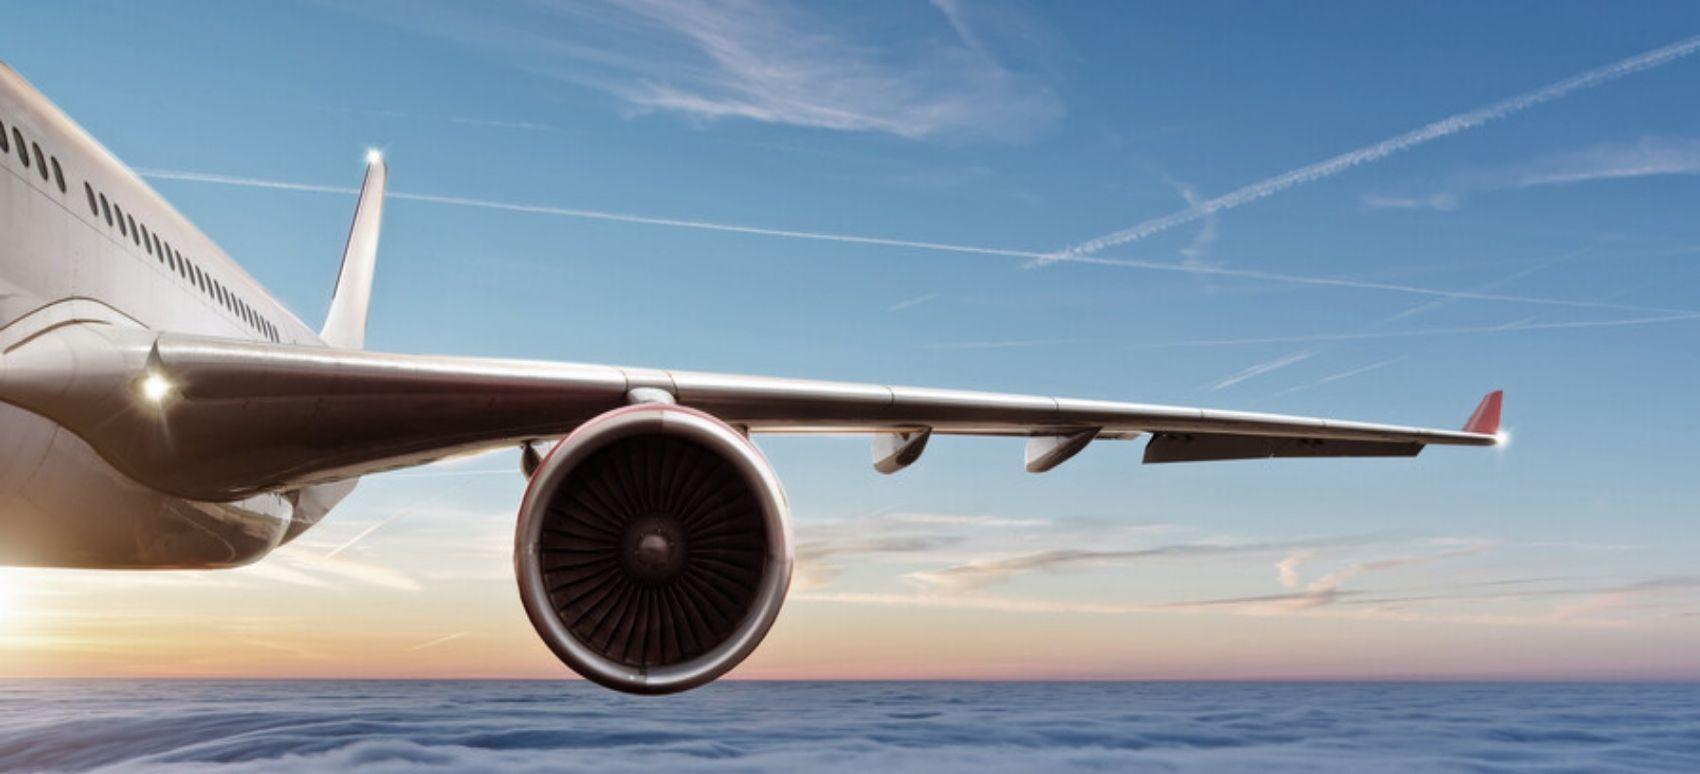 DSV Air Consol: Consolidado aéreo | DSV